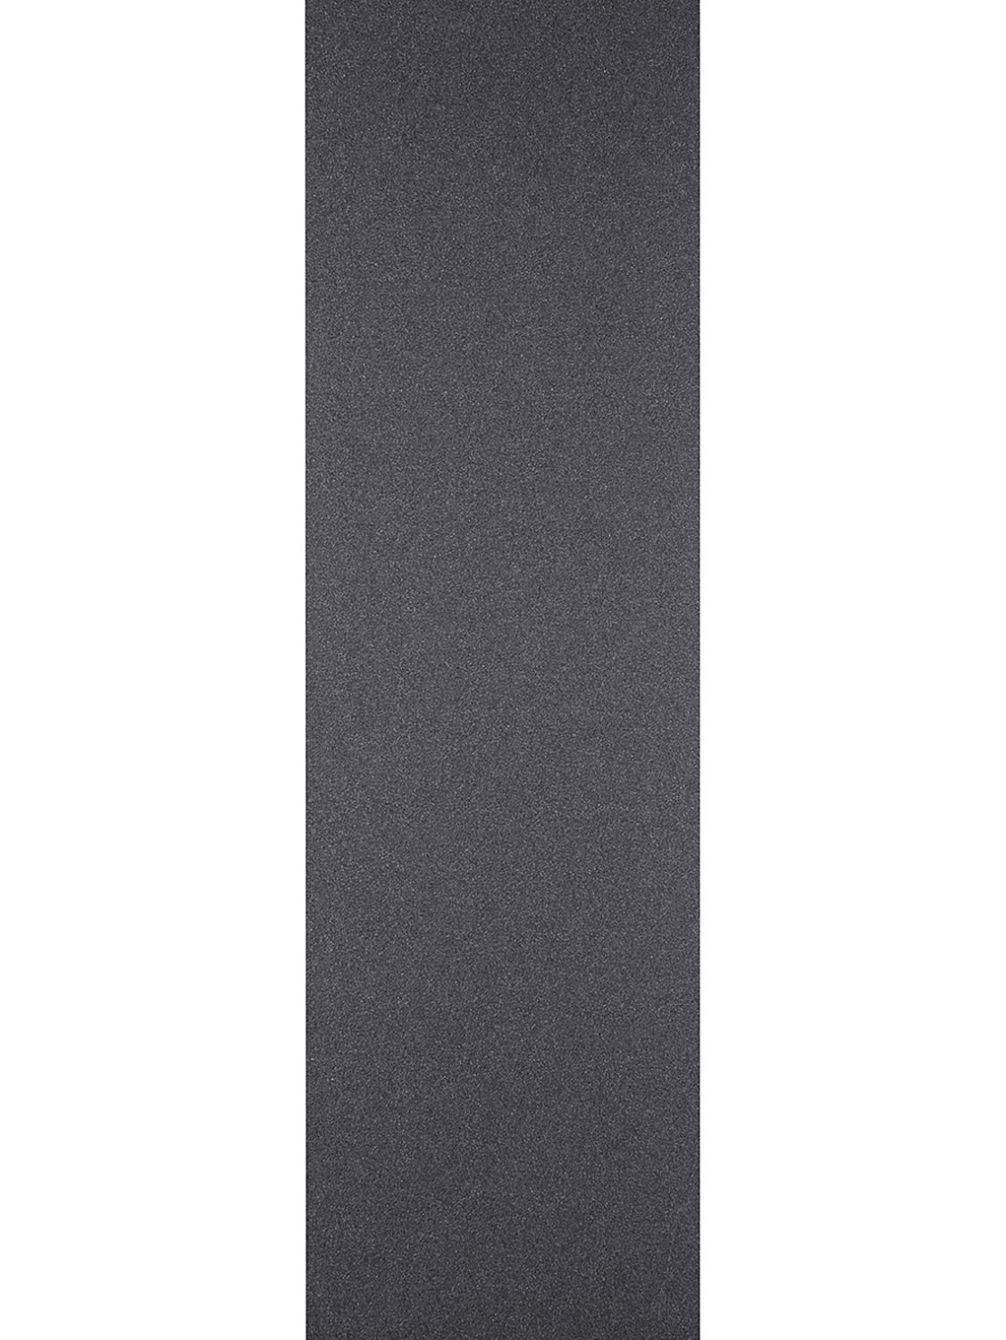 jessup-sheet-grip-tape